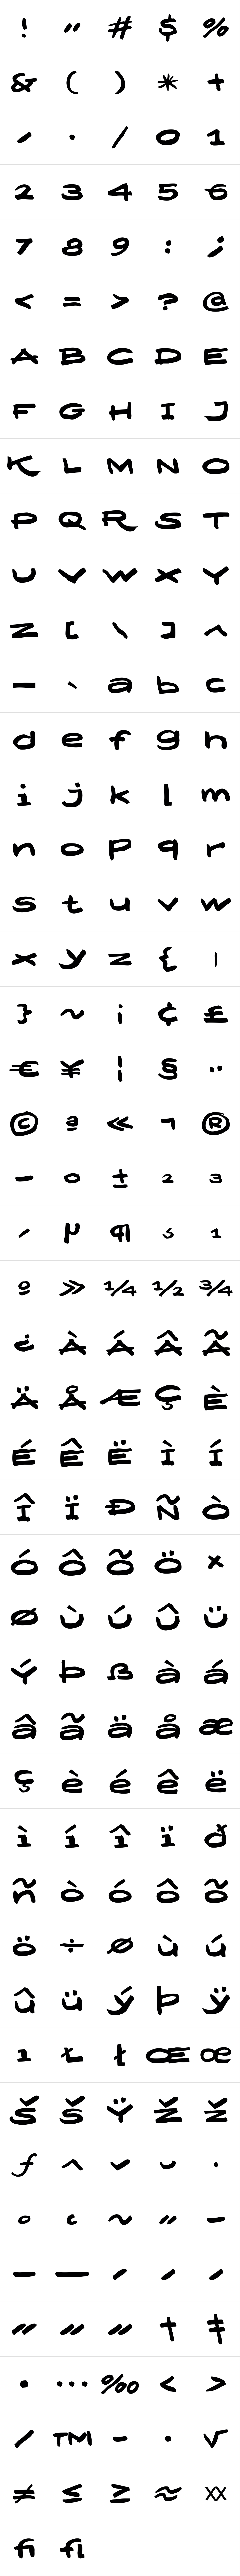 Designer Script Plain